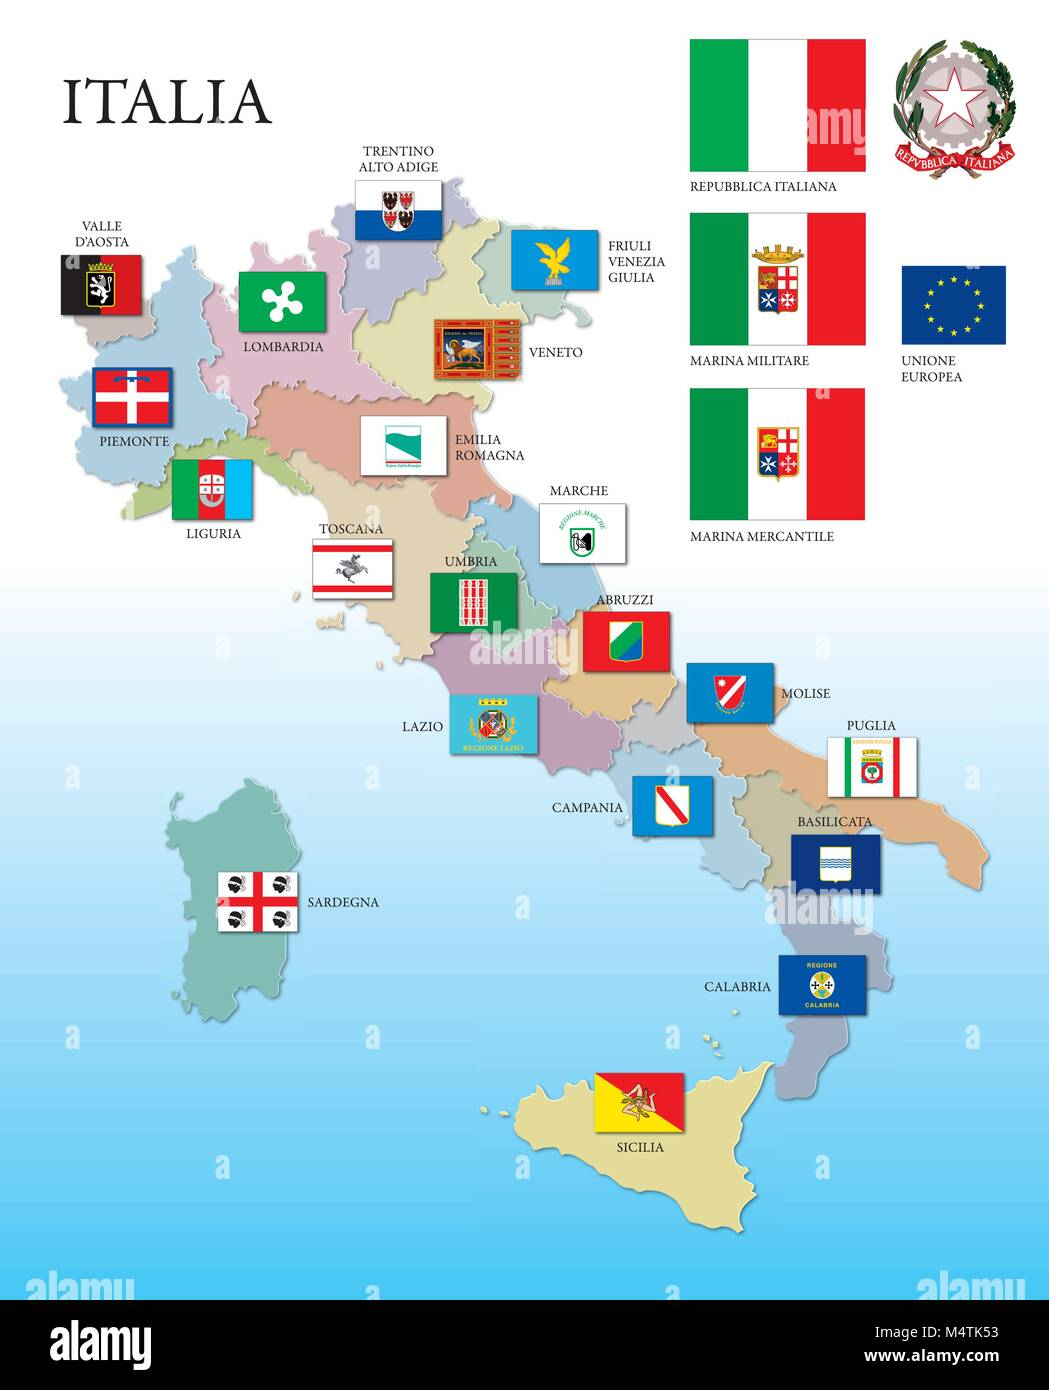 Cartina Geografica Italiana Con Regioni.L Italia Mappa E Regioni Con Le Bandiere Immagine E Vettoriale Alamy